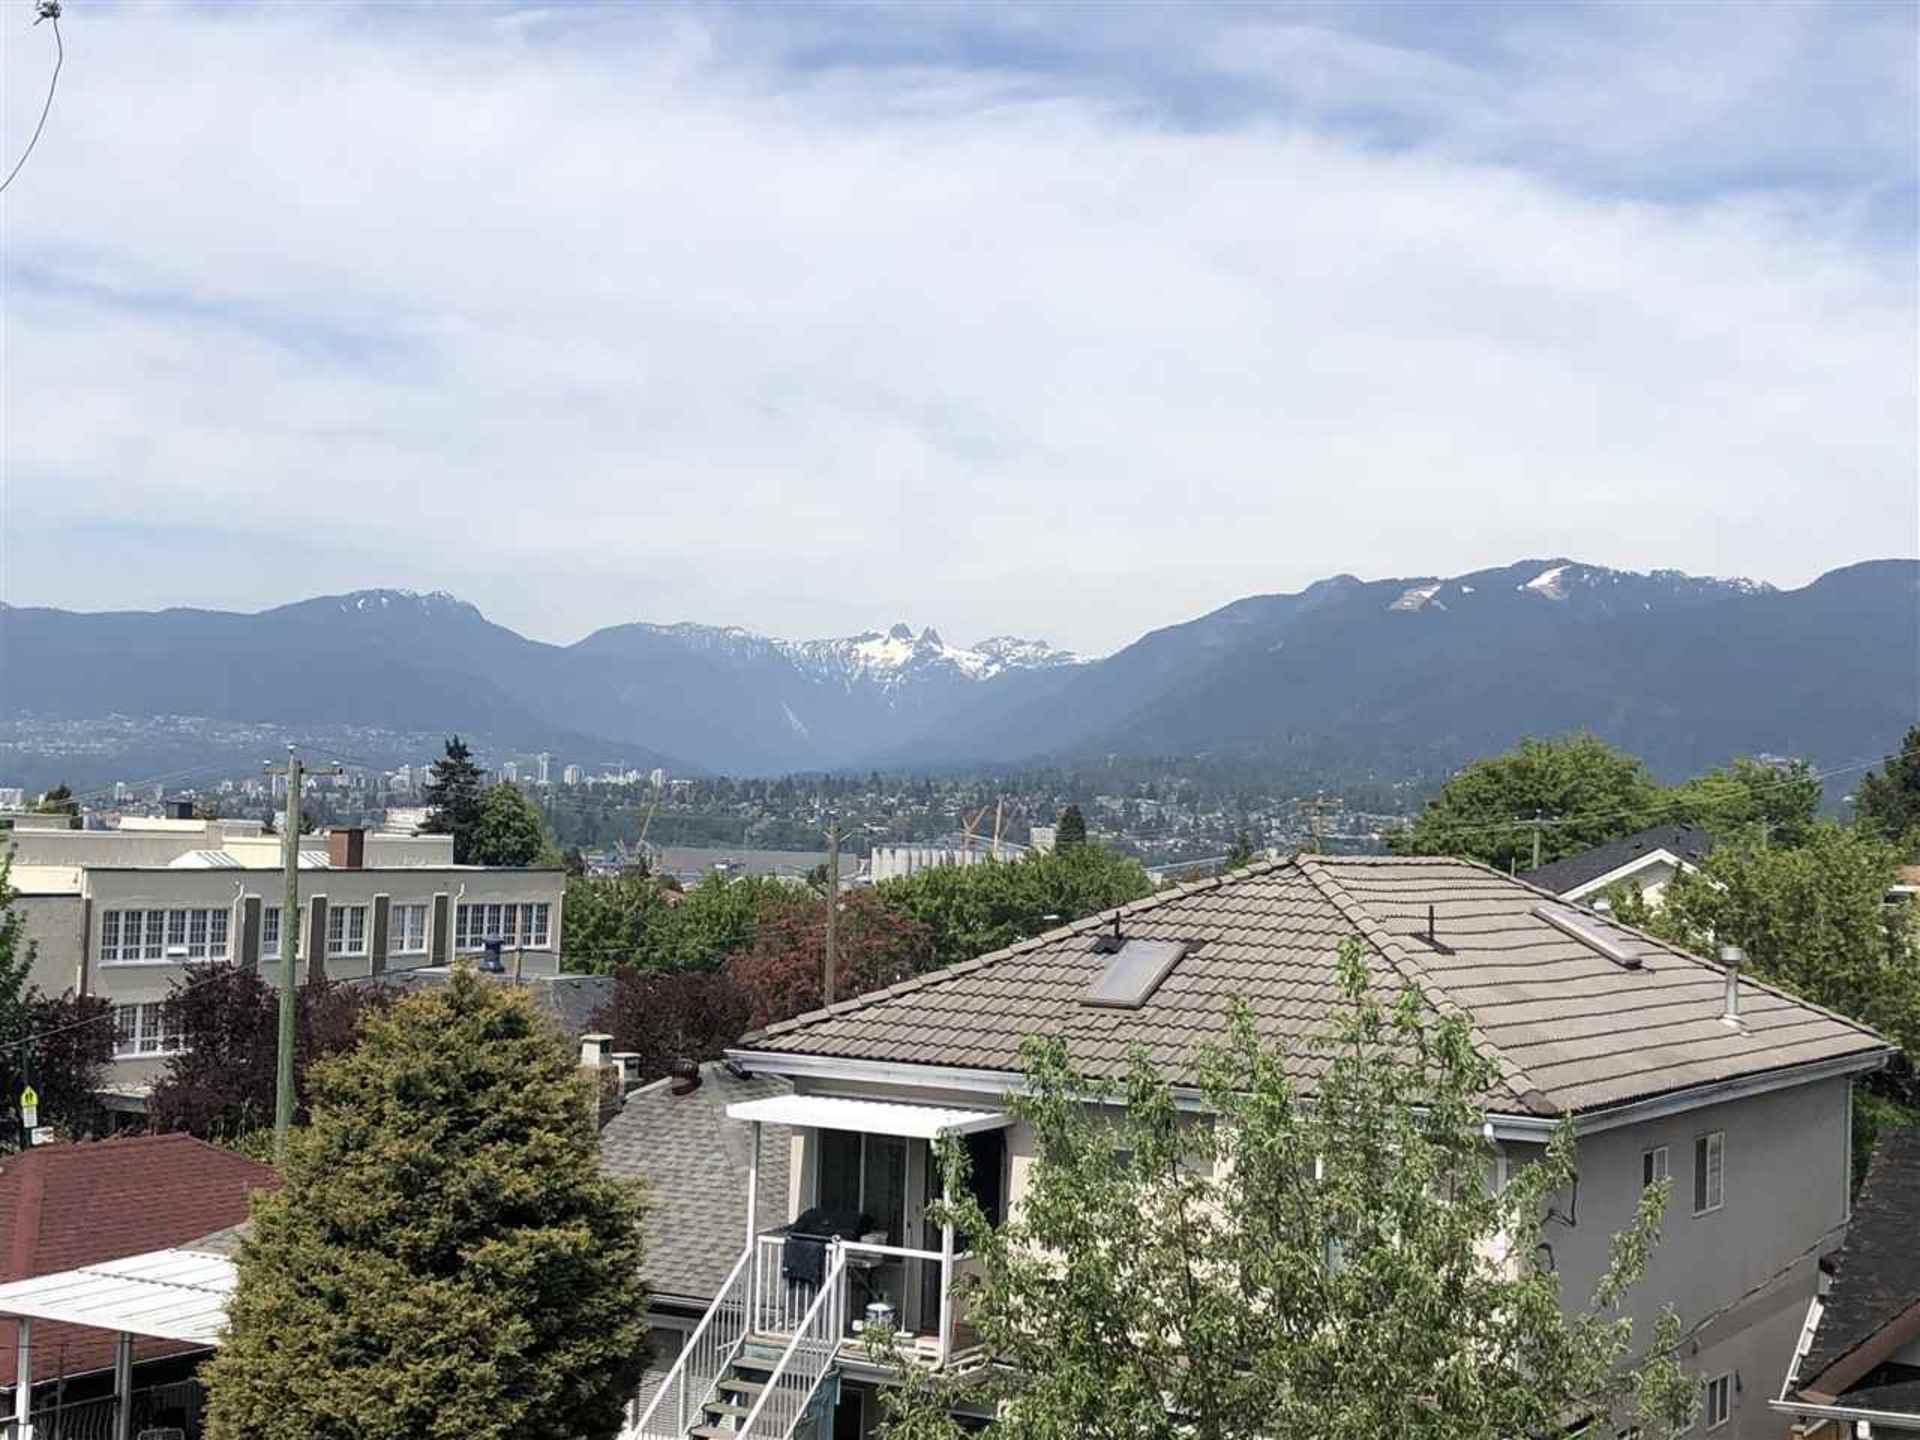 388-kootenay-street-hastings-sunrise-vancouver-east-03 at PH11 - 388 Kootenay Street, Hastings Sunrise, Vancouver East